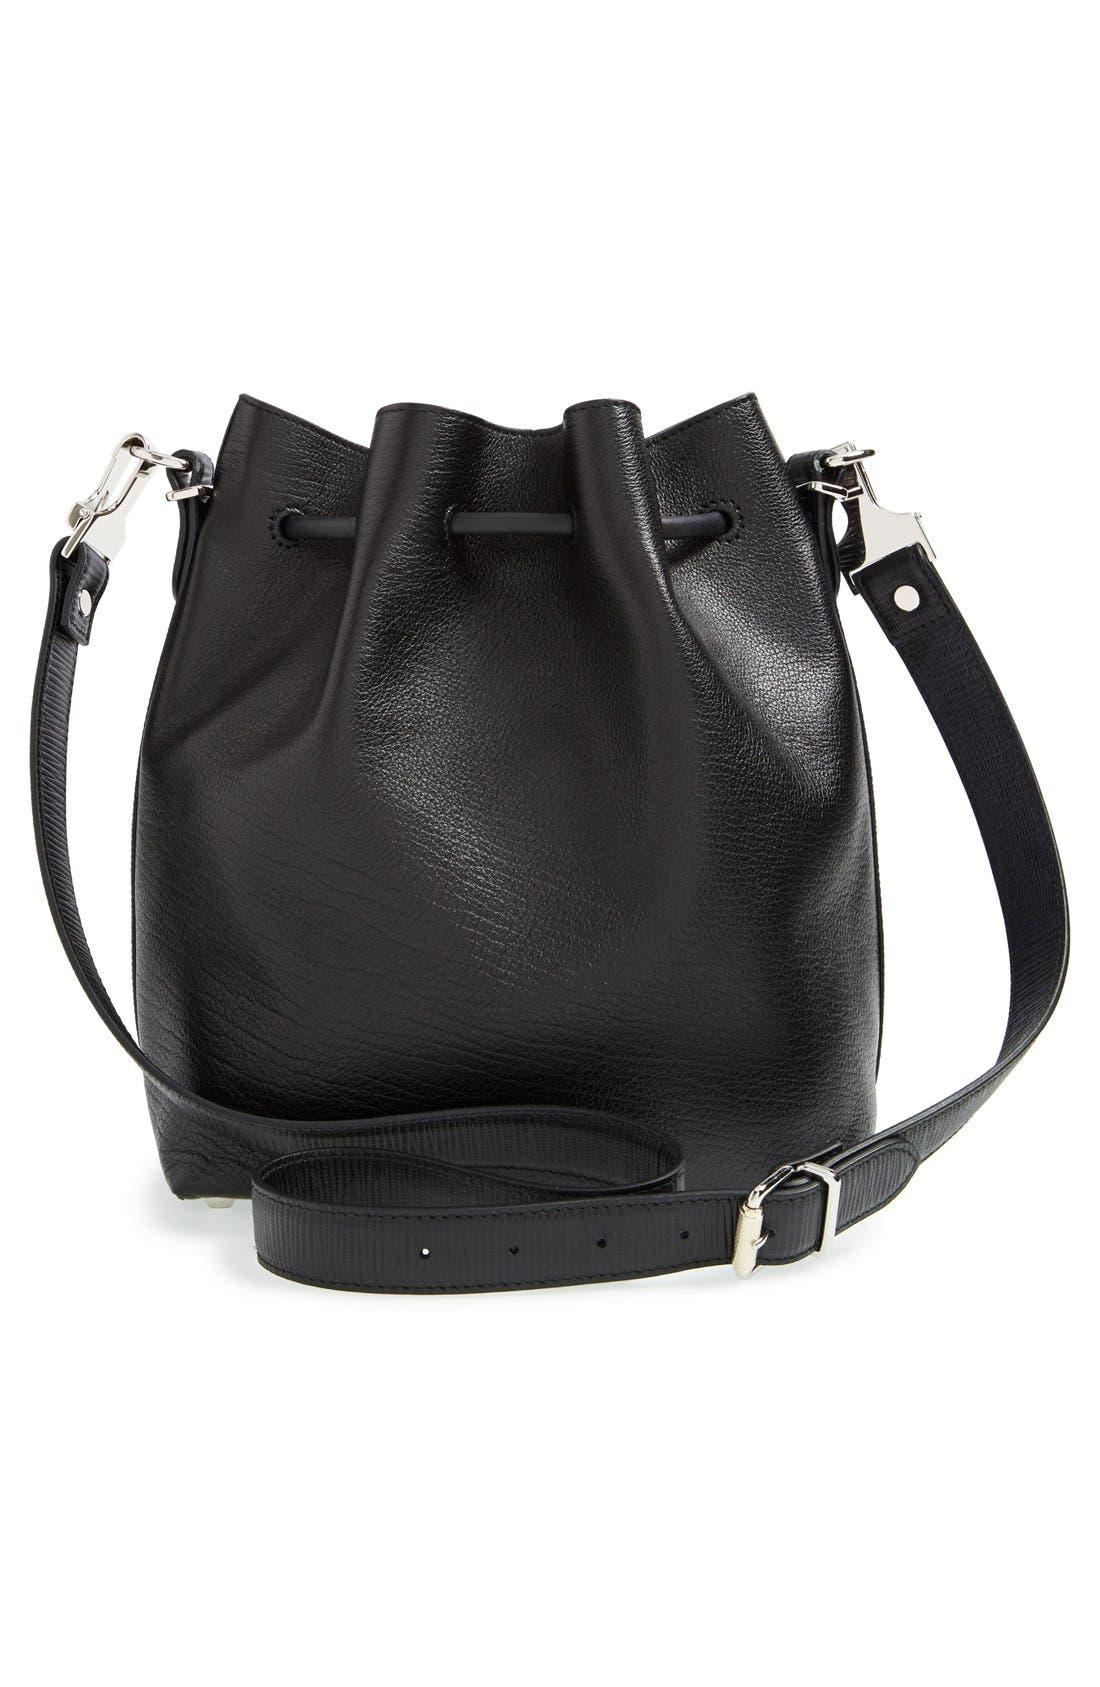 Alternate Image 3  - Proenza Schouler 'Medium' Bucket Bag